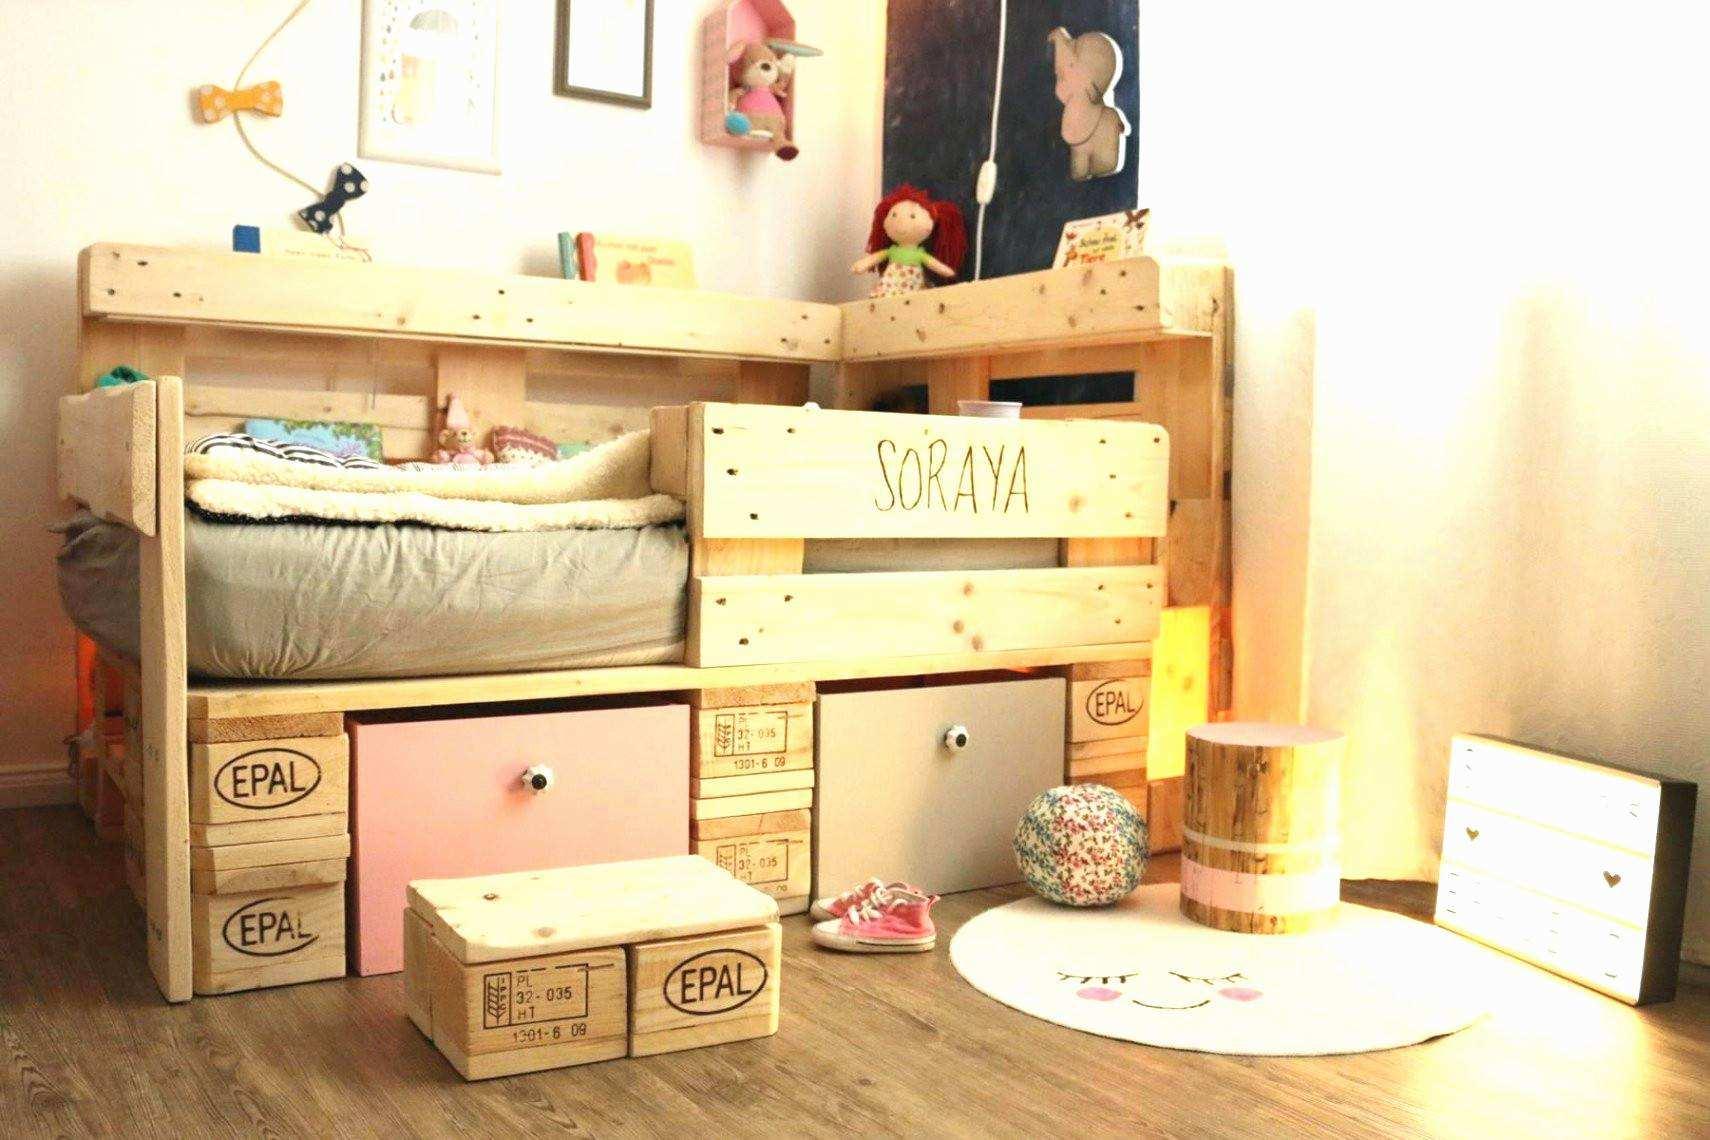 Full Size of Wohnzimmerlampen Ikea 59 Reizend Stehlampe Wohnzimmer Das Beste Von Tolles Küche Kosten Betten Bei Kaufen Sofa Mit Schlaffunktion 160x200 Miniküche Wohnzimmer Wohnzimmerlampen Ikea